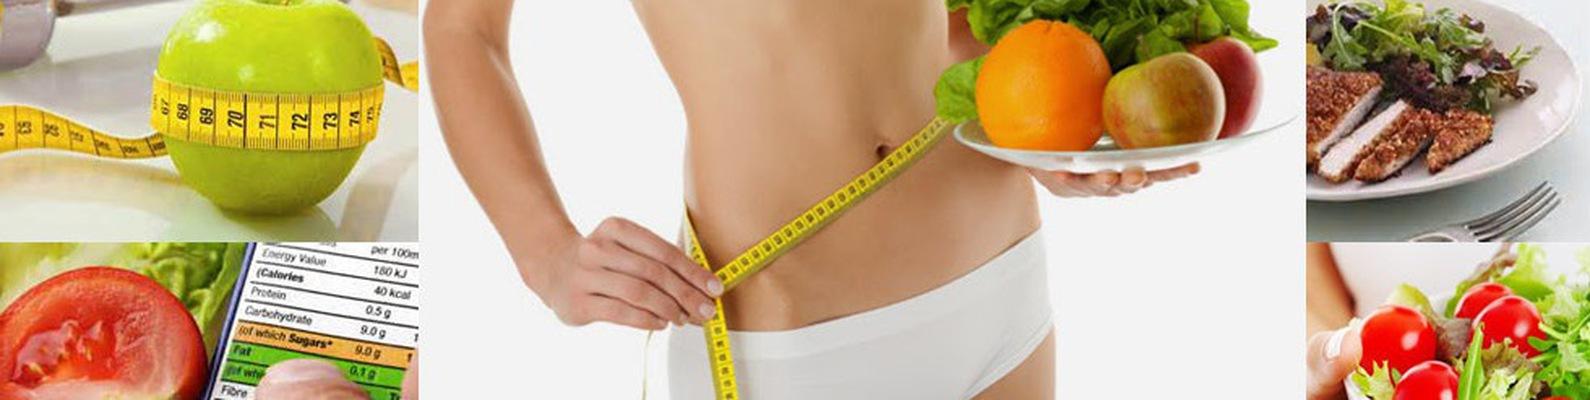 Какую диету нужно соблюдать при антицеллюлитном массаже